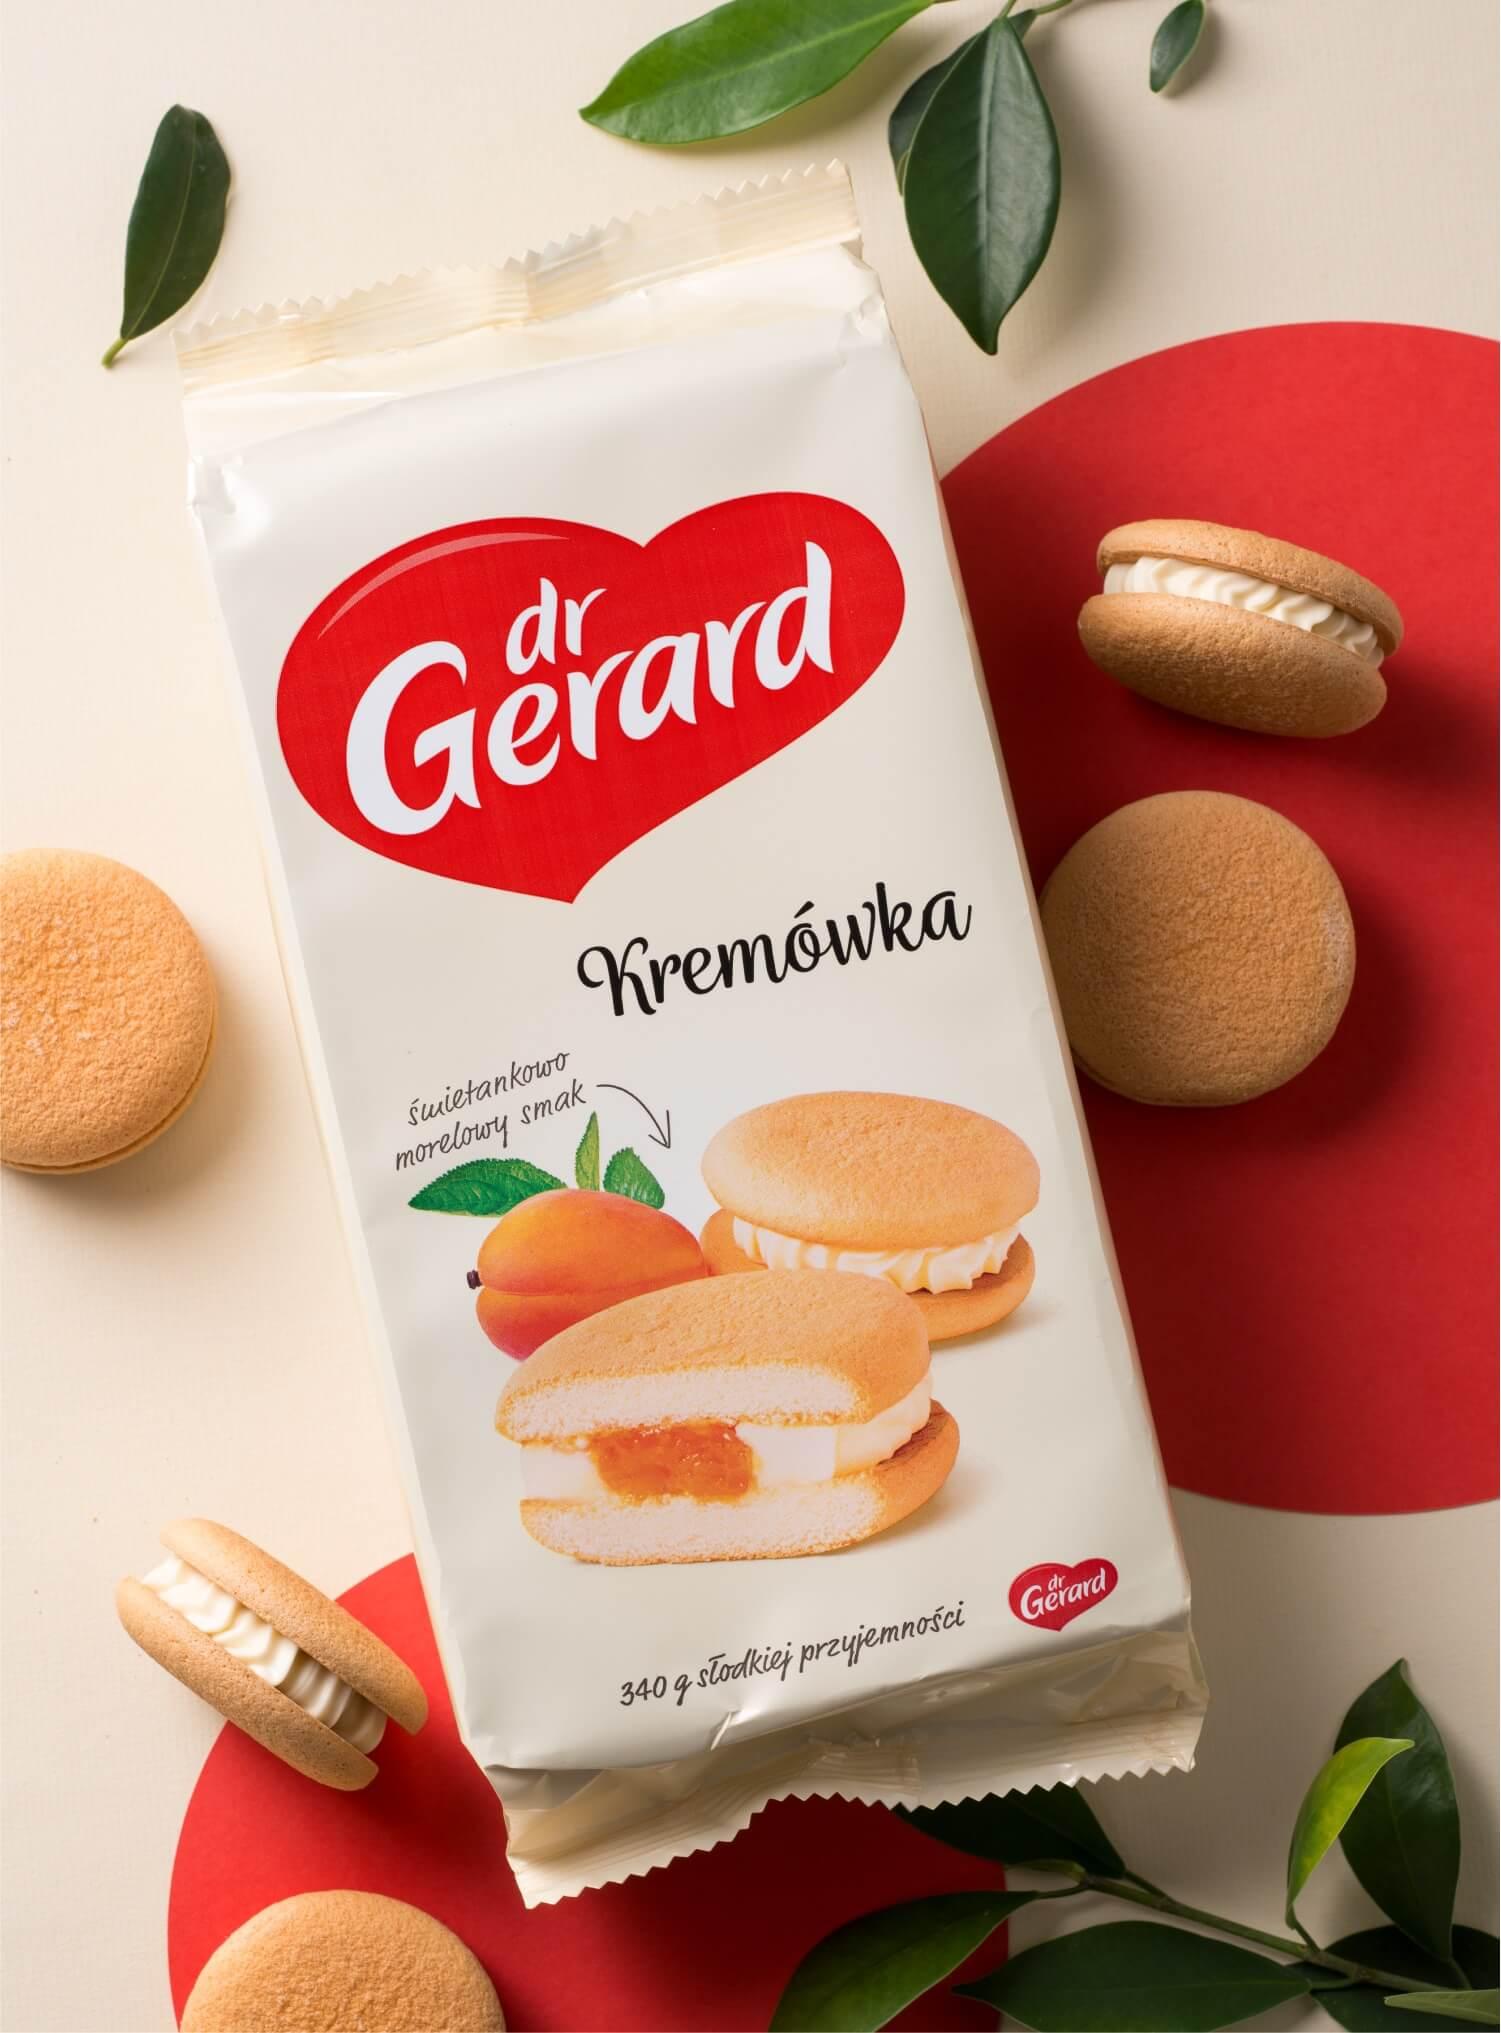 Nowa wizualizacja marki Dr Gerard